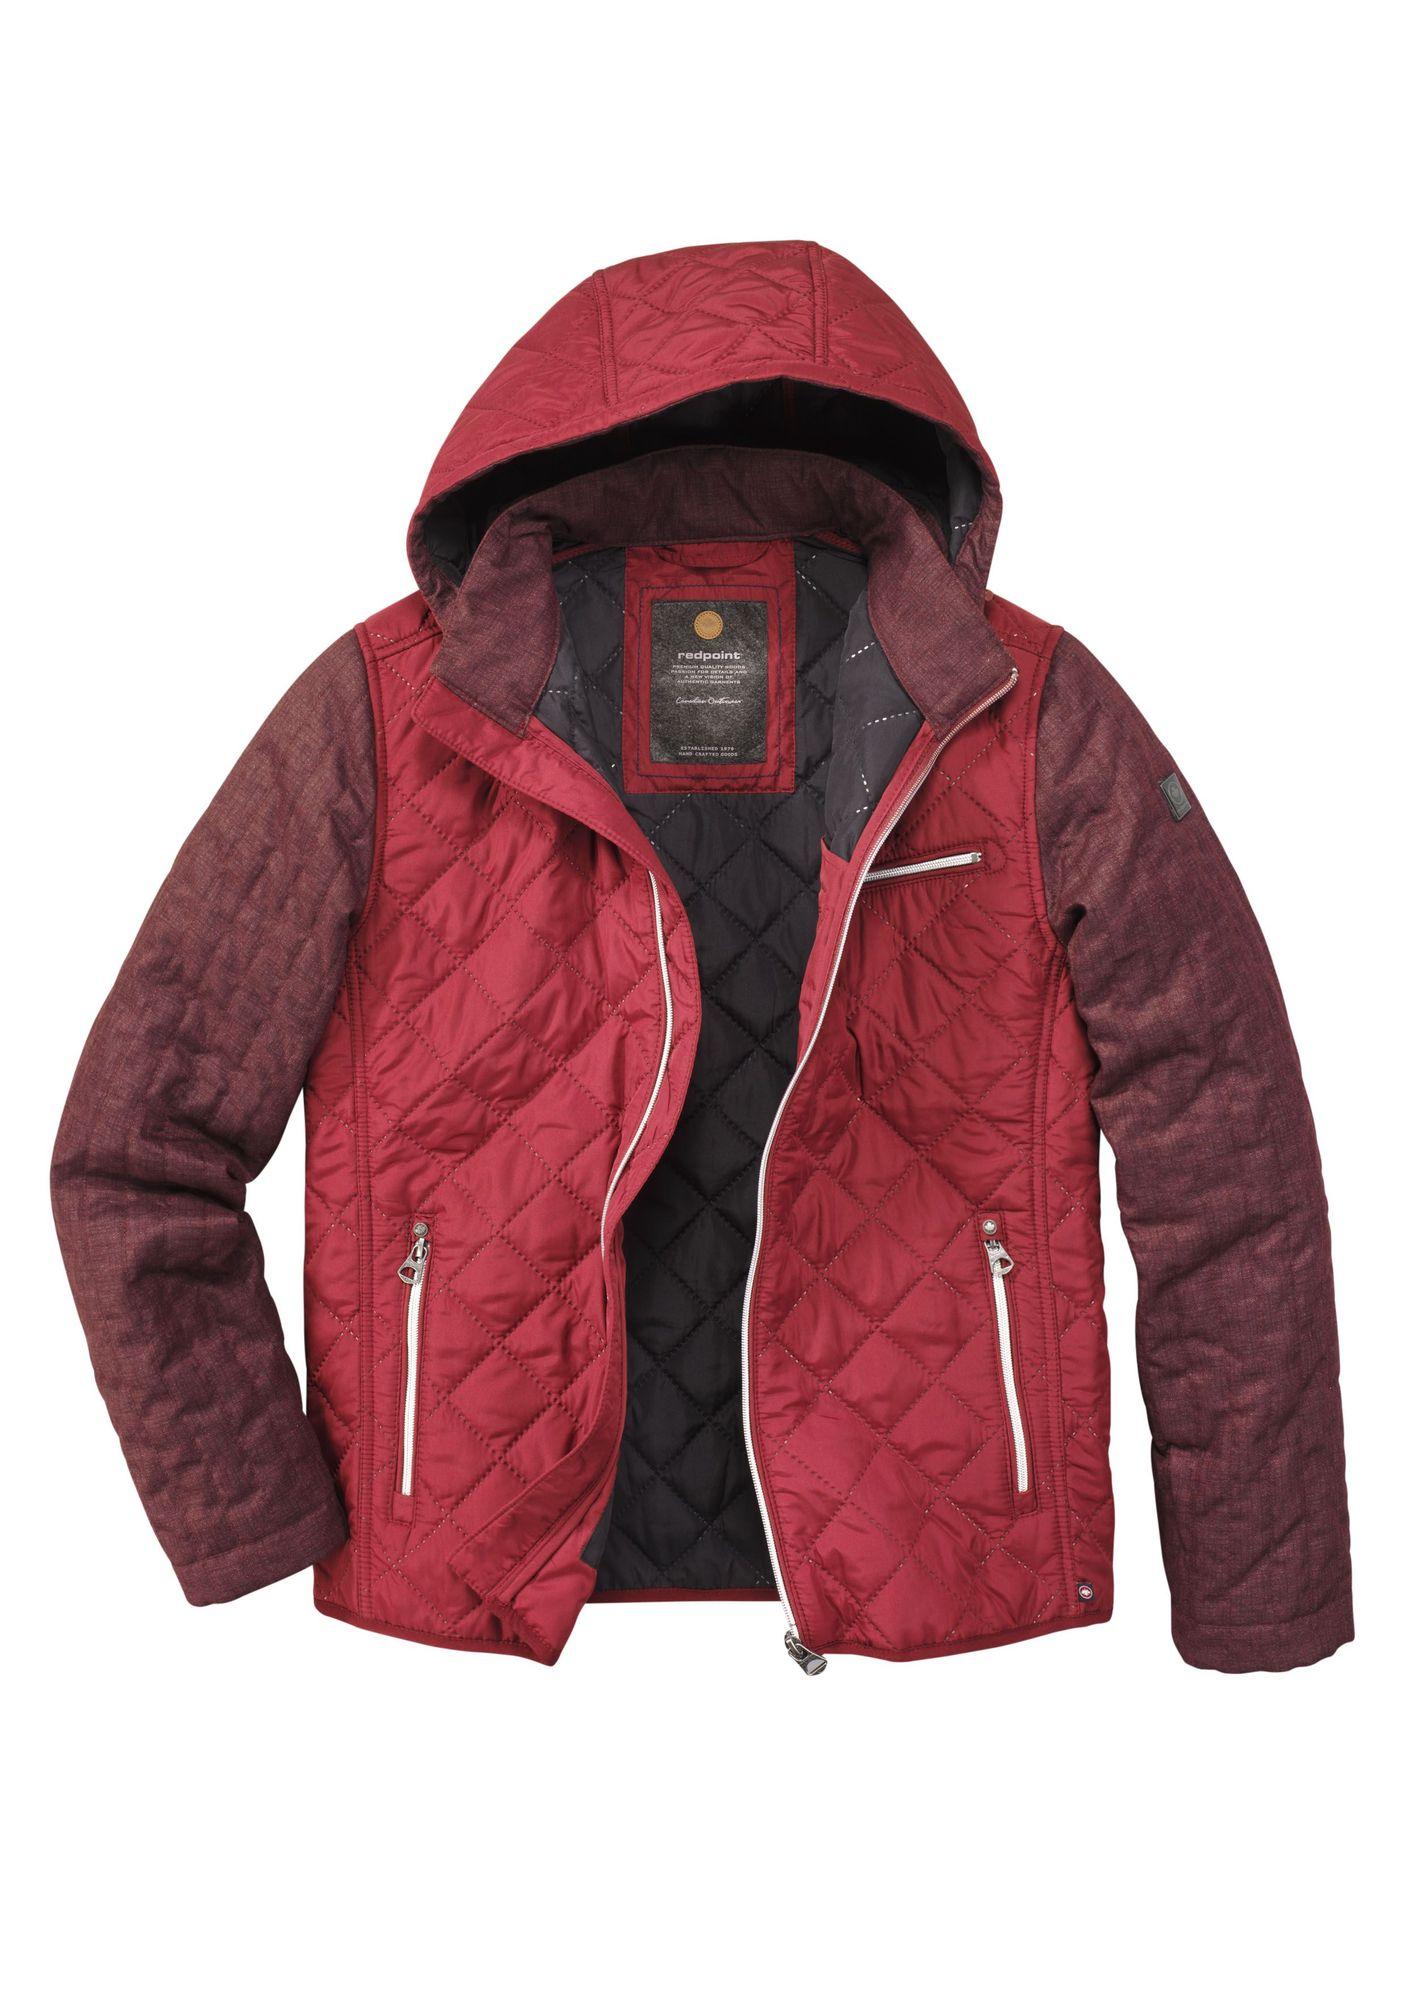 Redpoint Herren Jacke In Rot Kean R701813232000 Bei Michaelax